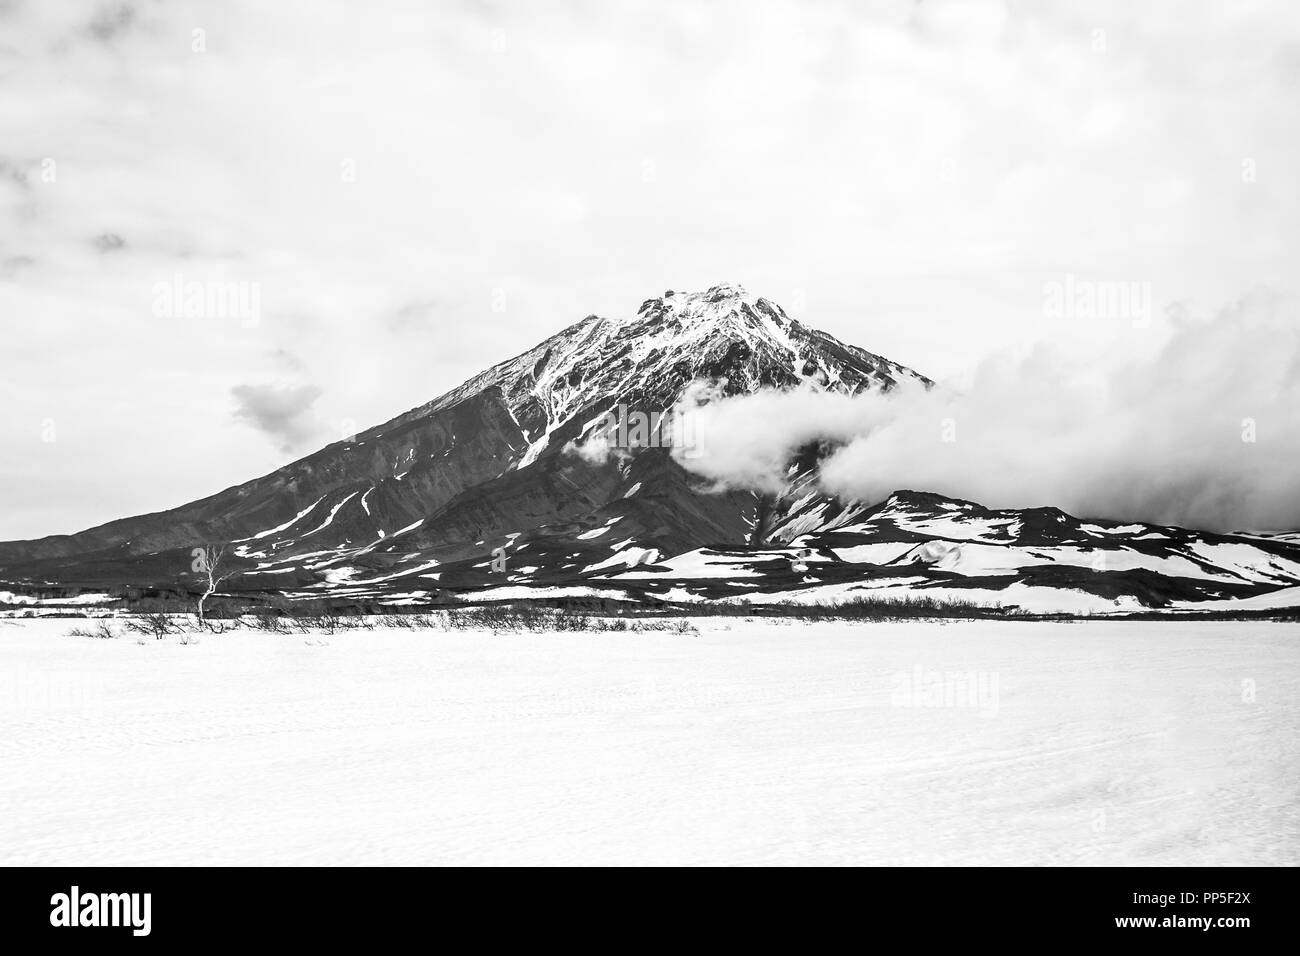 View of the Volcano Koryaksky in overcast weather, Kamchatka Peninsula, Russia - Stock Image